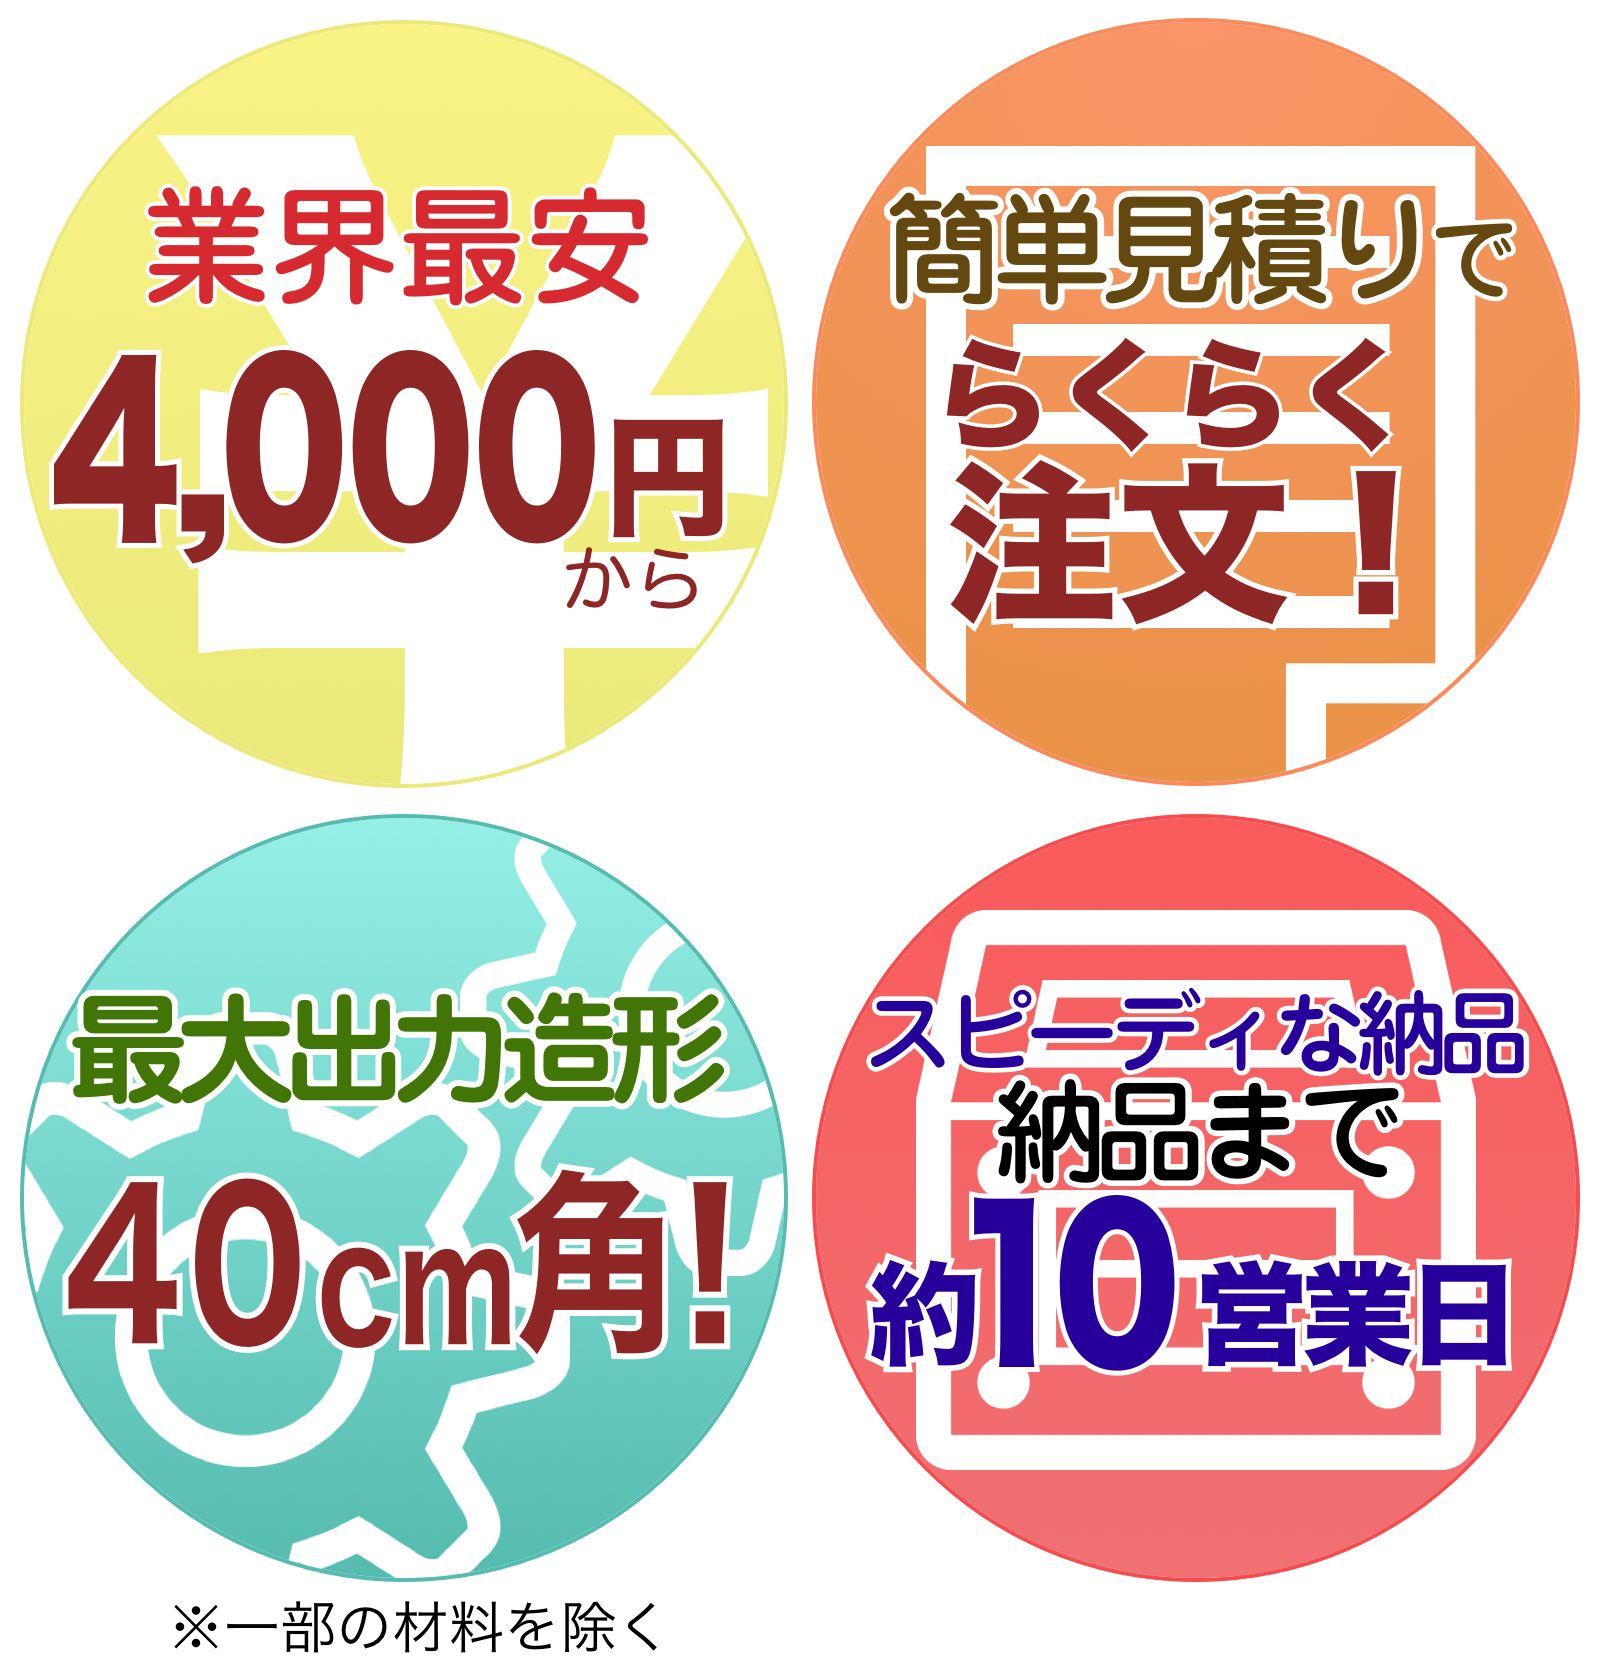 業界最安4,000円〜。簡単見積りで、らくらく注文!最大出力造型40cm角!納品まで約10営業日。